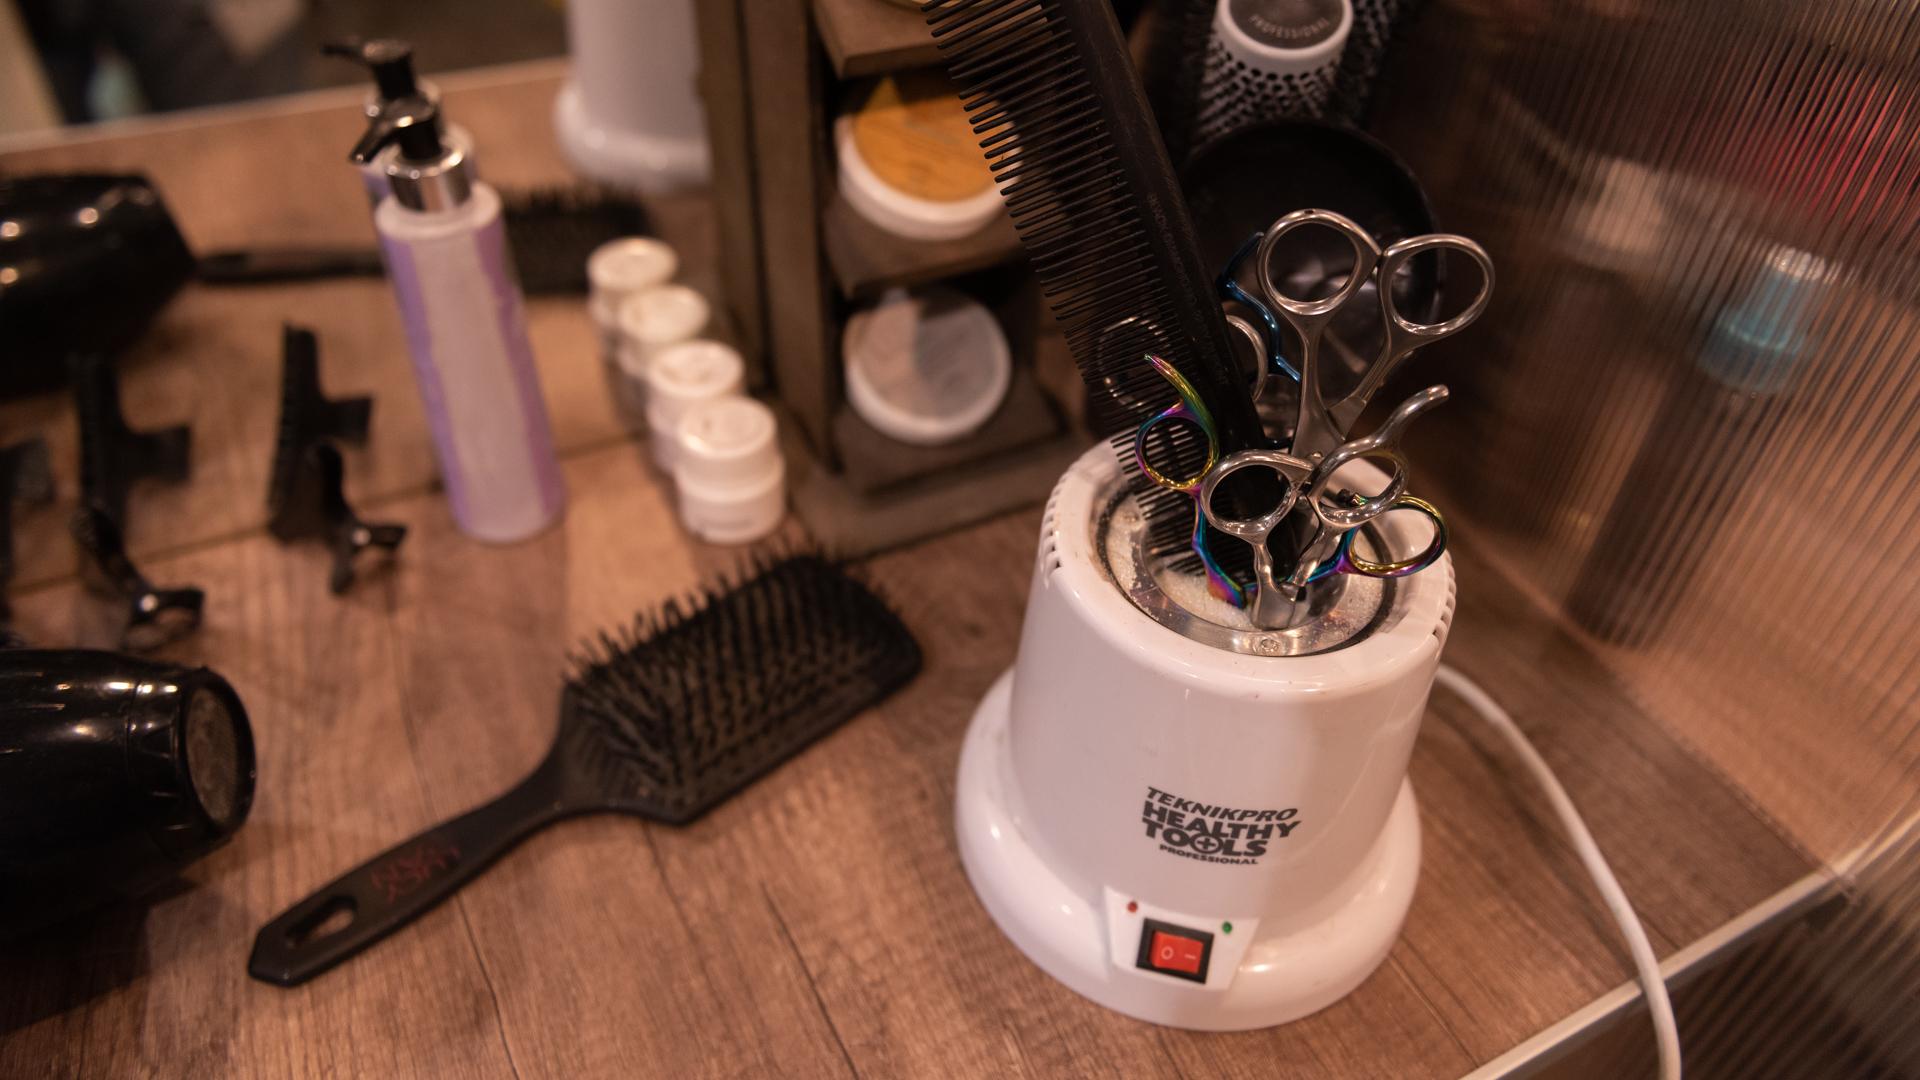 El profesional dispone de su propio kit personal de trabajo: no se pueden compartir los productos entre estilistas durante el servicio y tienen que ser higienizados constantemente